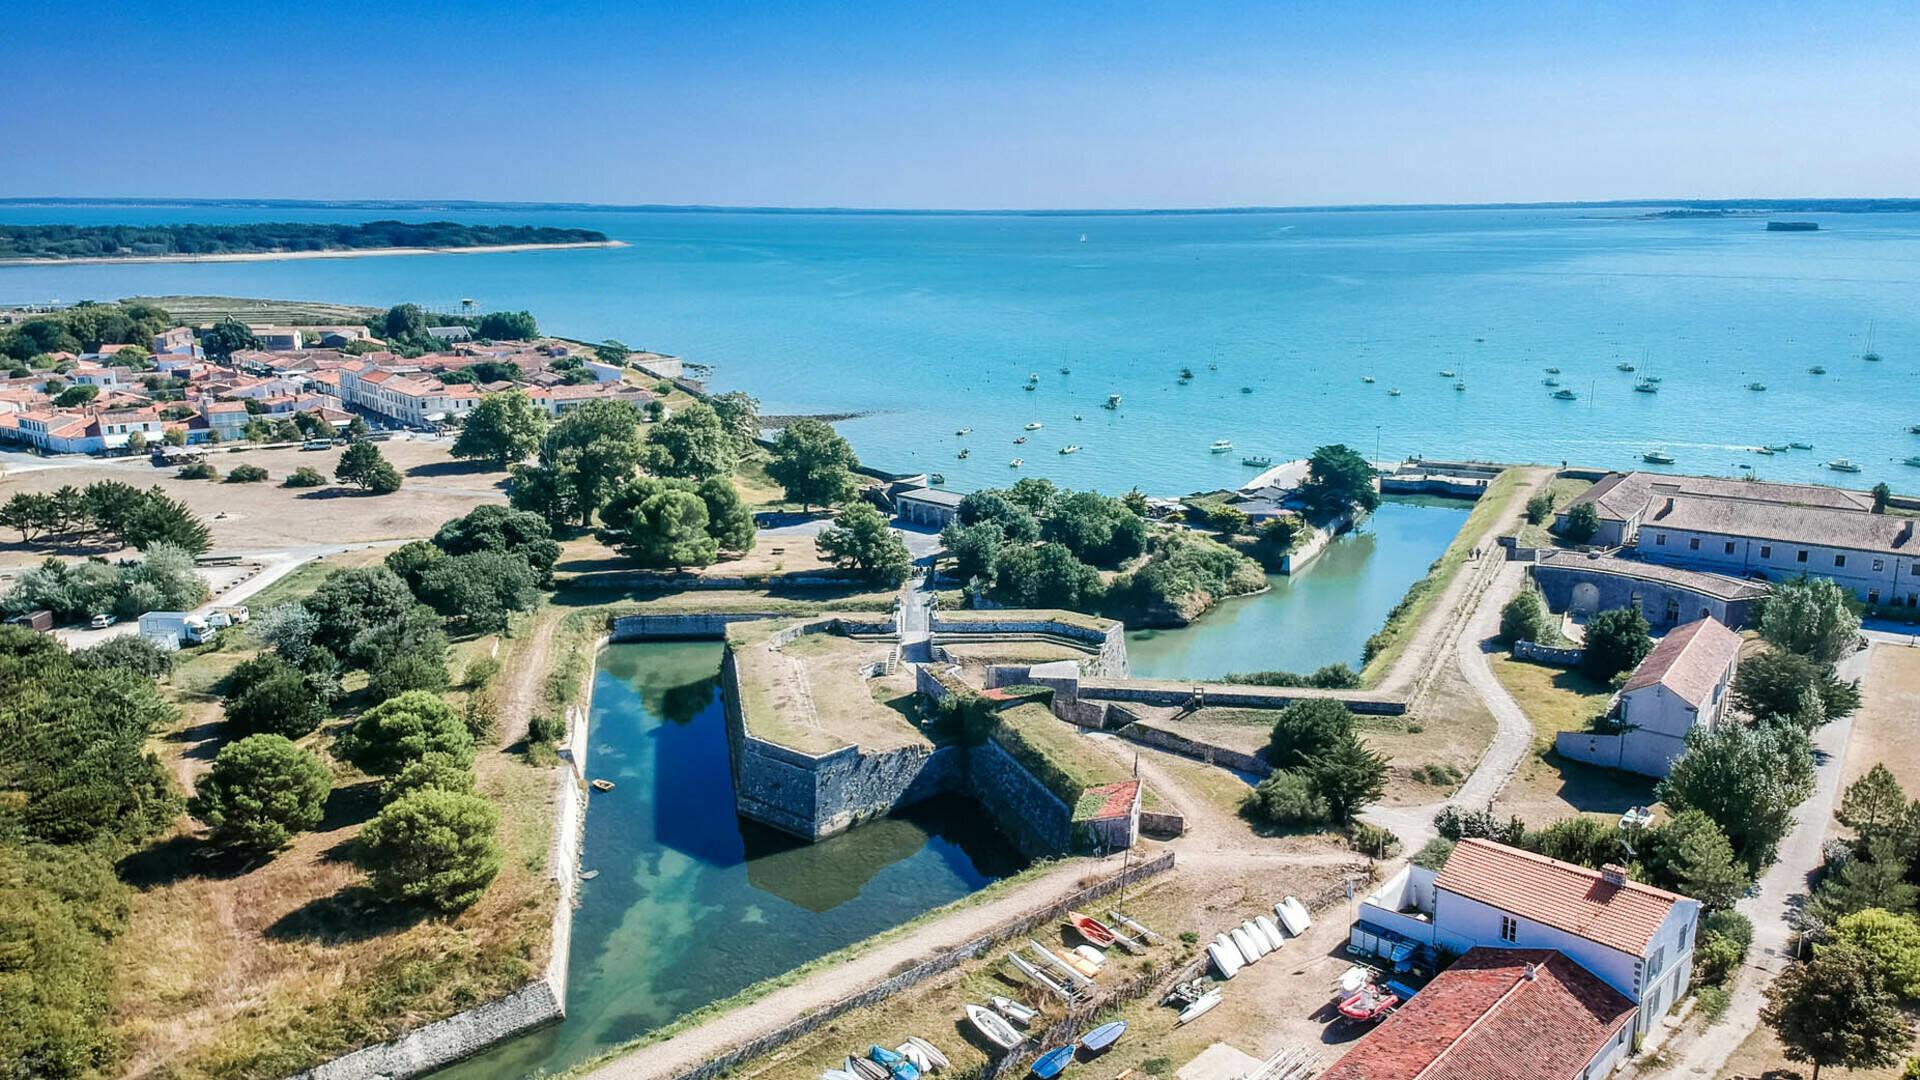 L'Ile d'Aix, perle de l'estuaire Rochefort Océan ©L.Pétillon